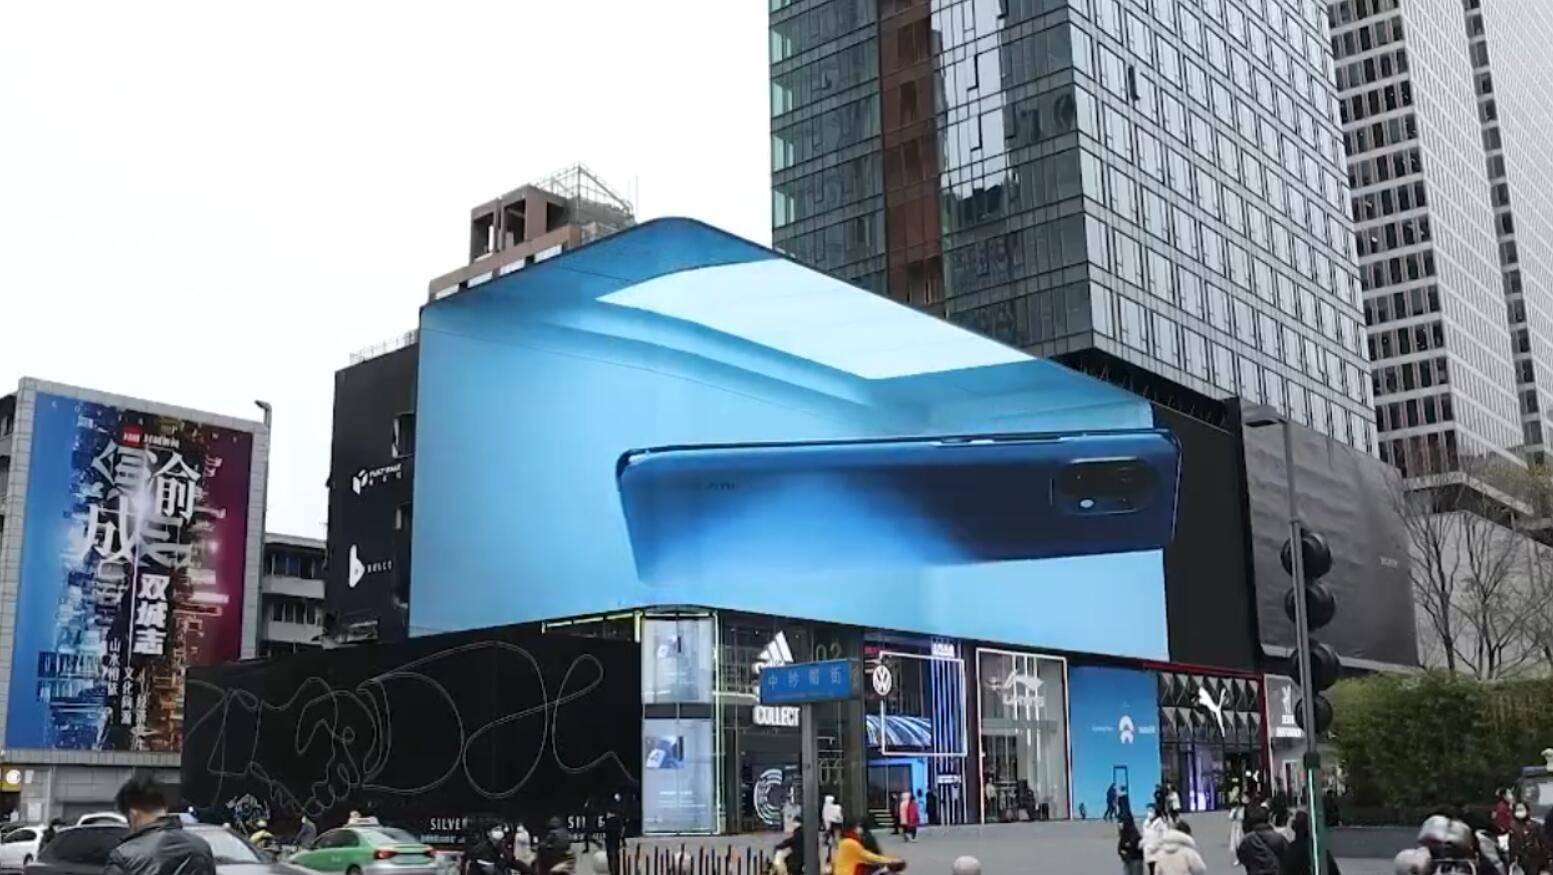 成都春熙路太古里裸眼3D大屏拉菲7广告投放报价